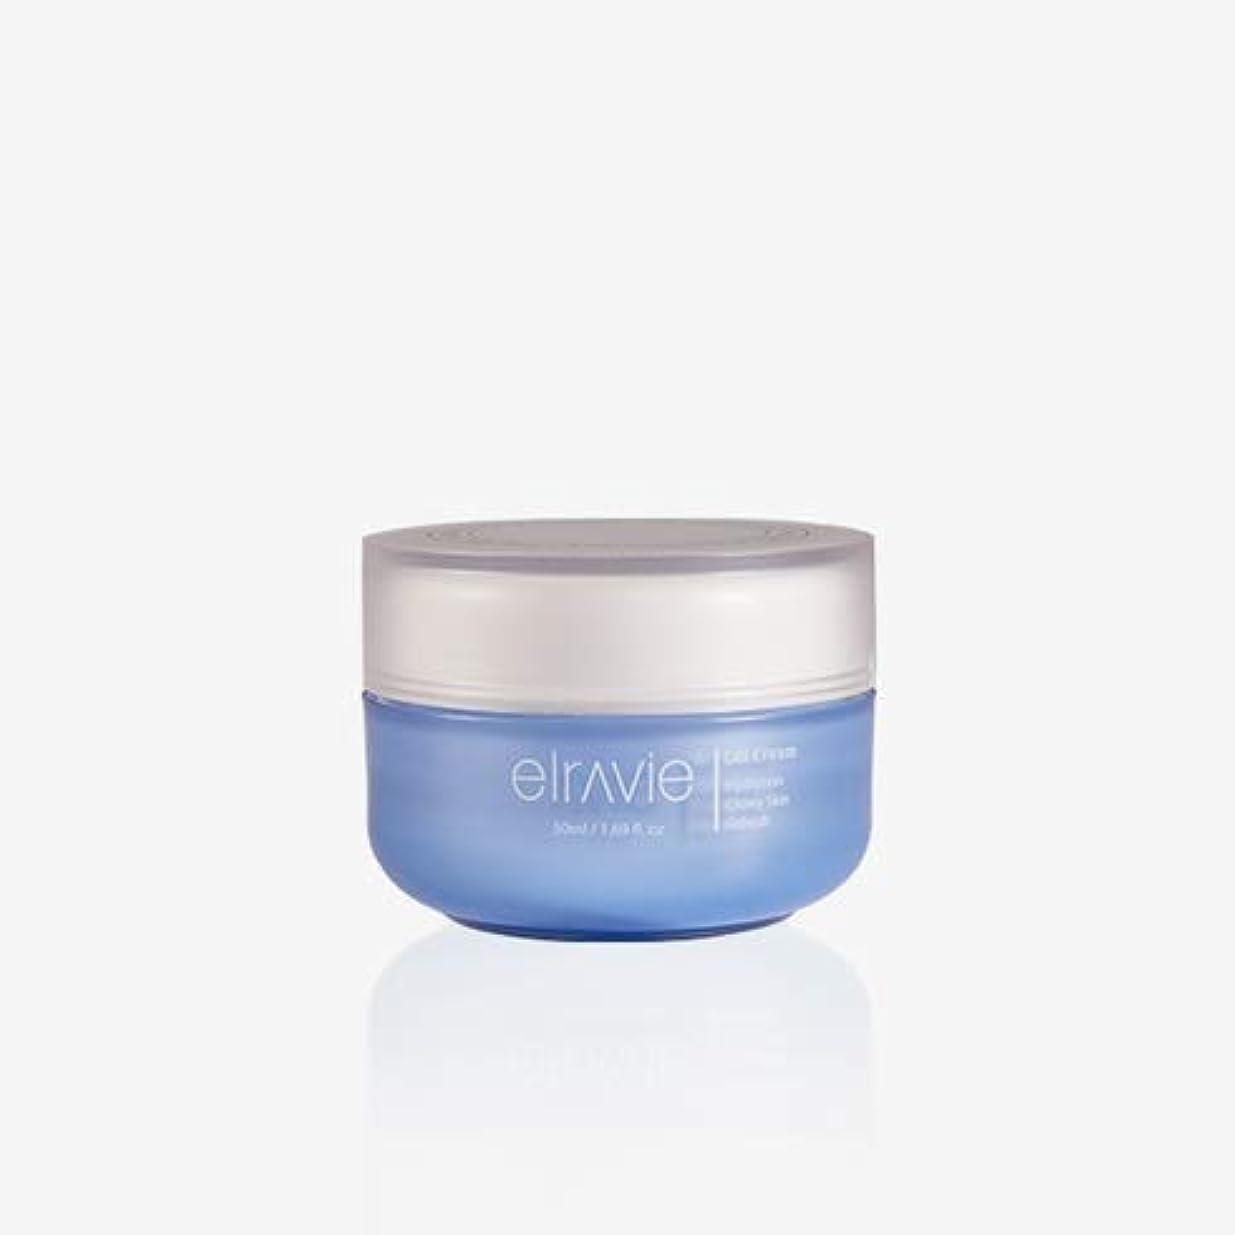 目に見える支出アンティークエラヴィー[Elravie] ダーマハイドロエクステンデッドハイジェルクリーム50ml / Derma Hydro Extended Hyal Gel Cream